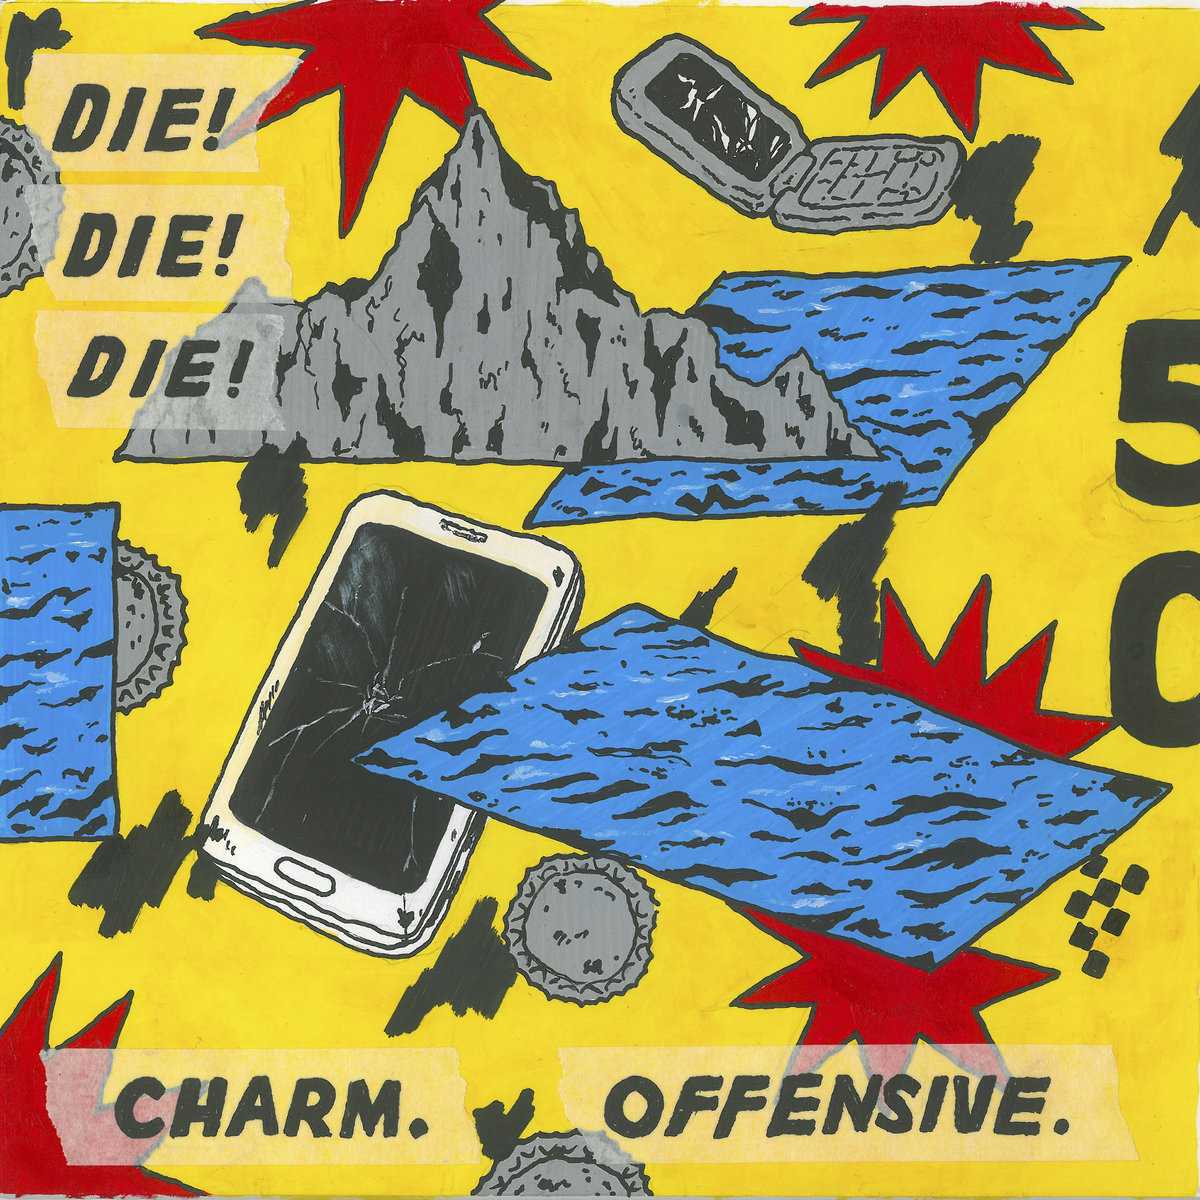 charm offensive die die die